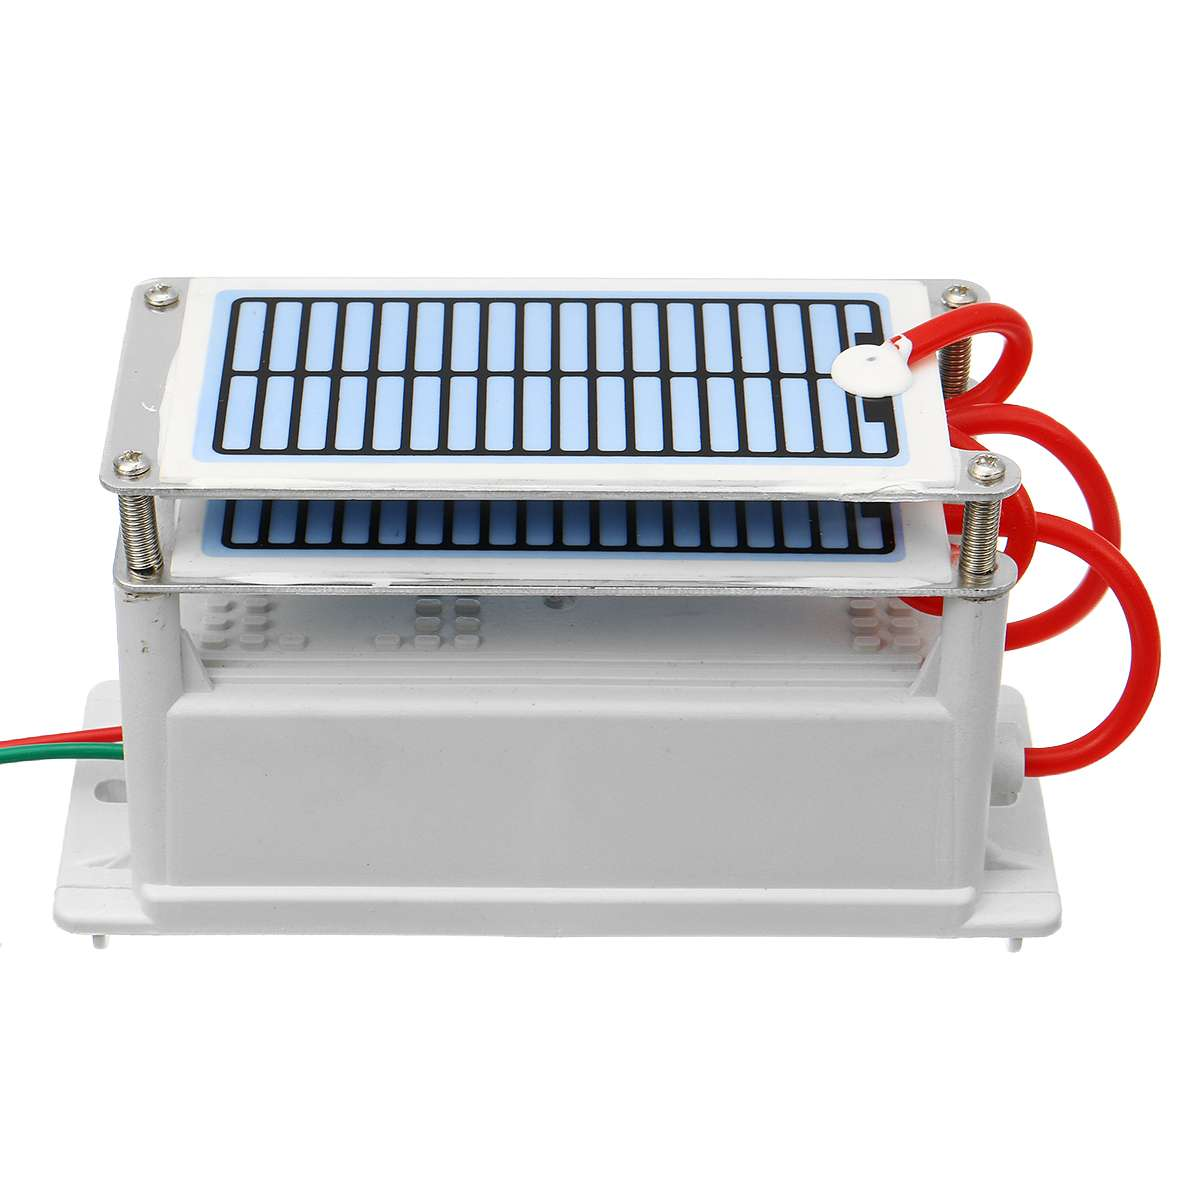 24 gr/std Ozon Generator Spülmaschine Kühlschrank Ozonisator Wasser Luftreiniger Aktive Sauerstoff Sterilisator Sterilisation Beseitigt Geruch